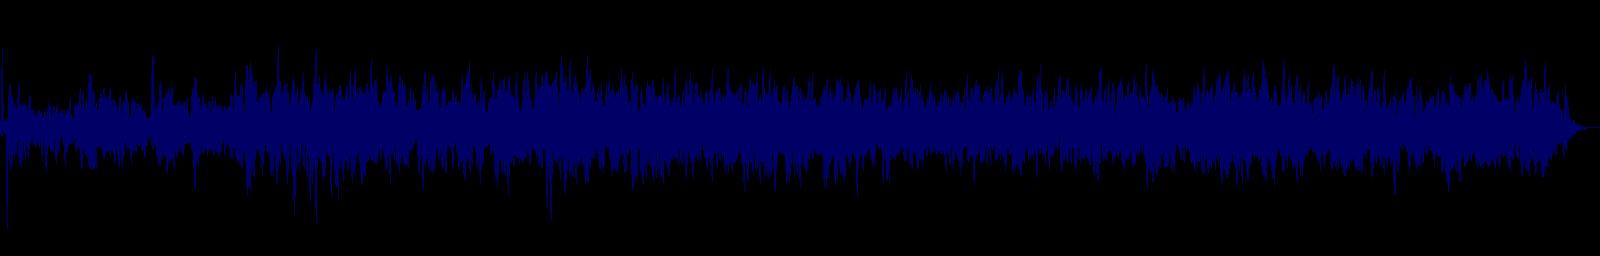 waveform of track #112203